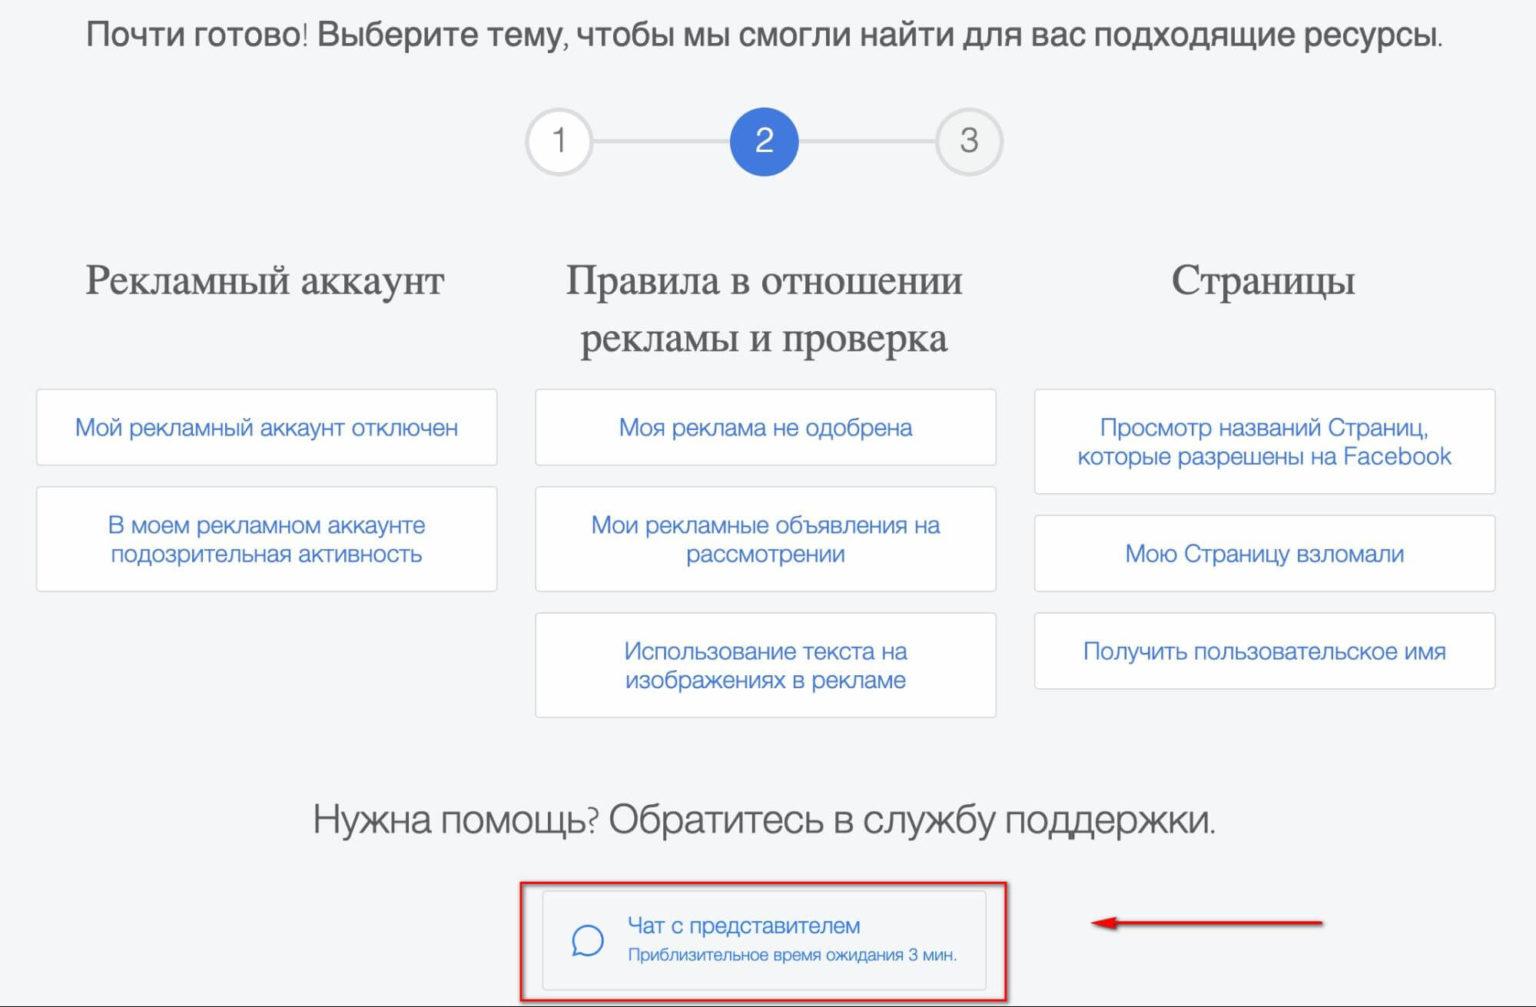 что делать если заблокировали рекламный аккаунт фейсбук